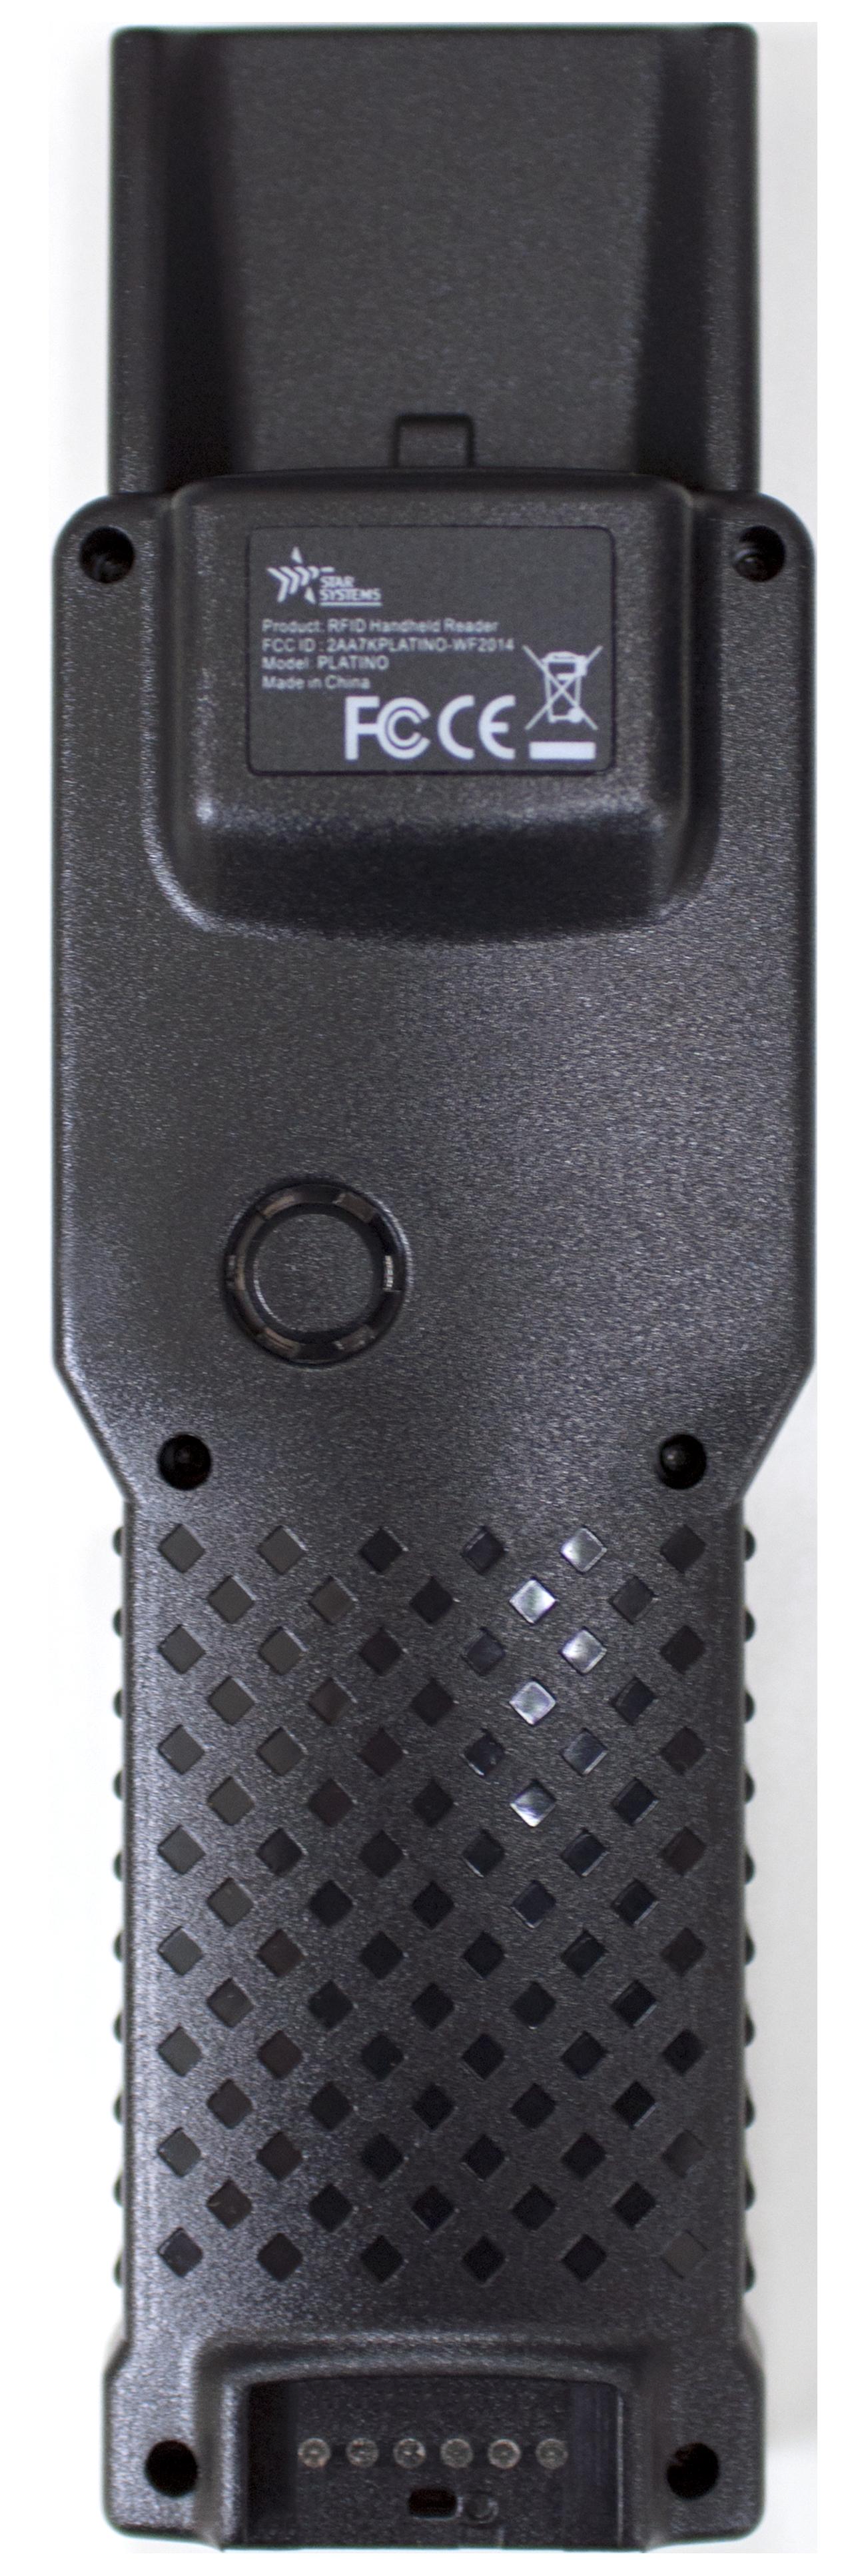 Platino Handheld RFID Reader | Star Systems International